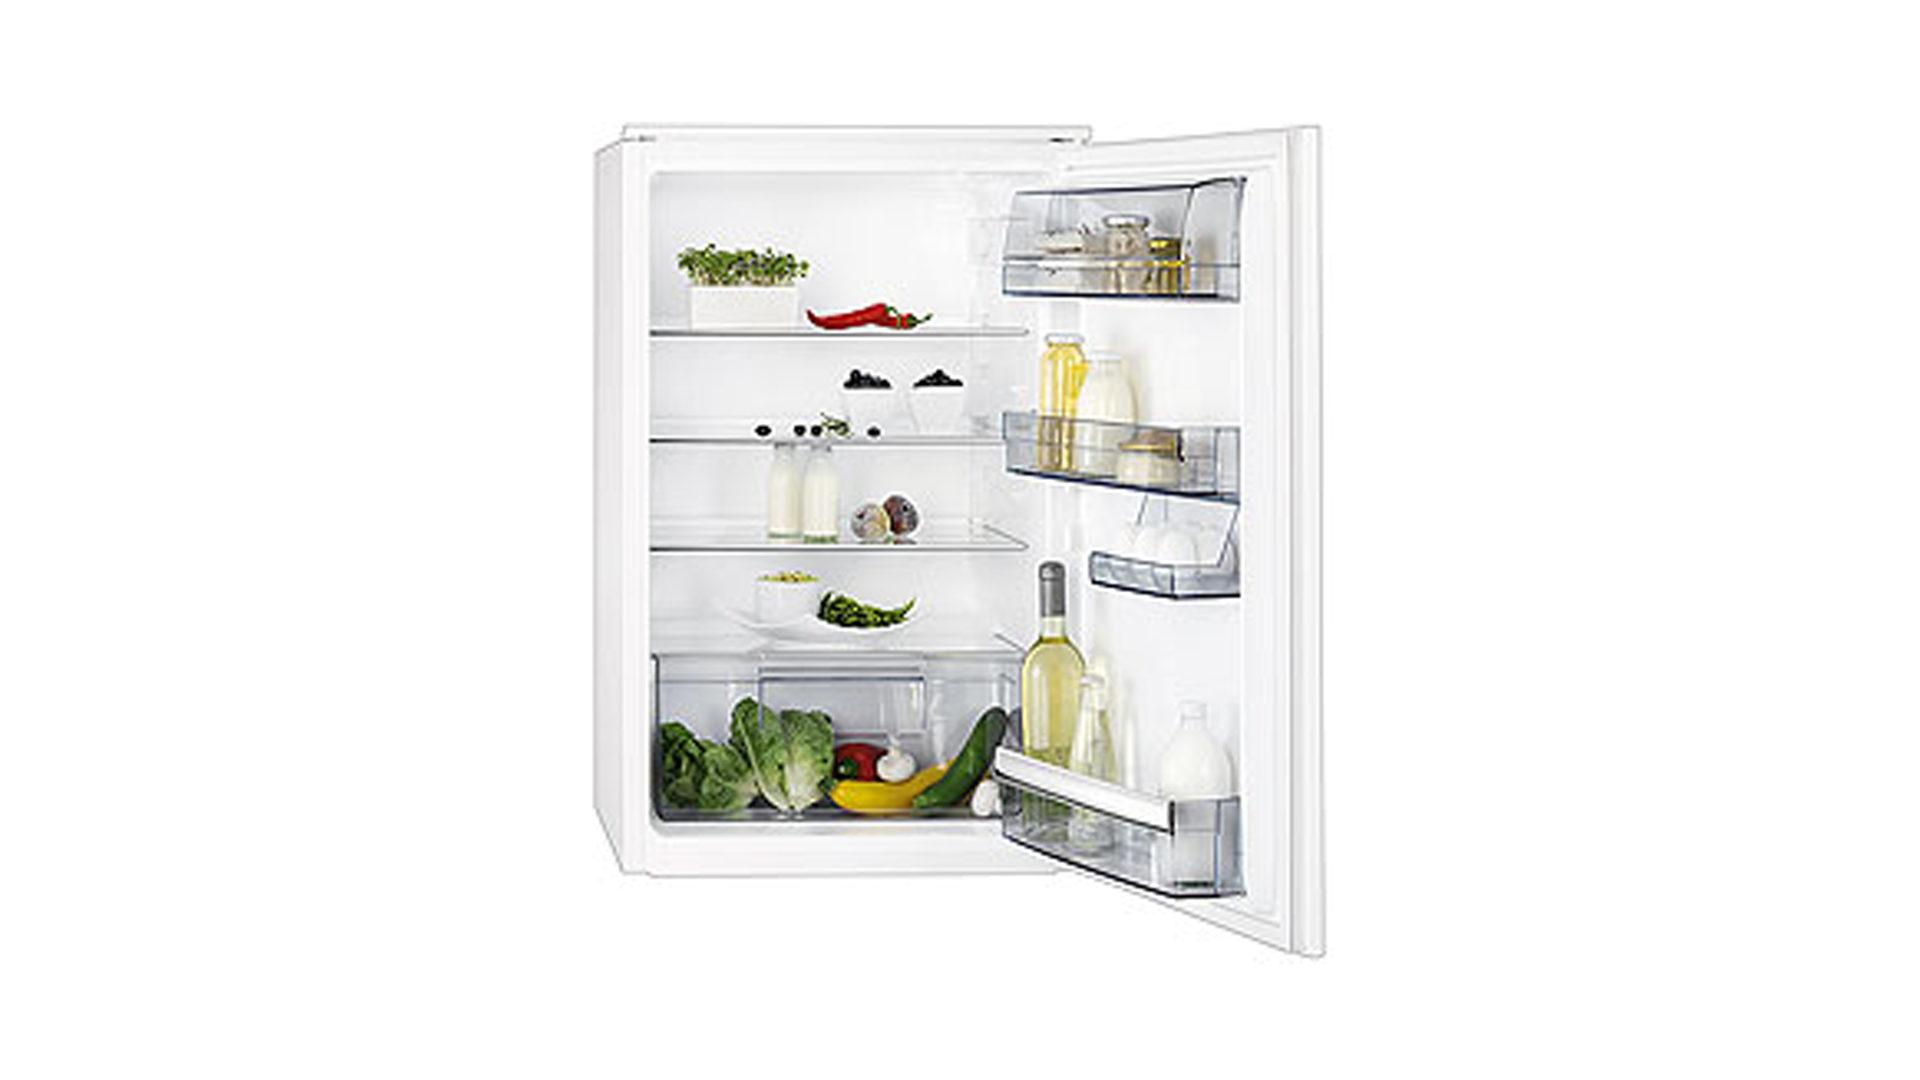 Aeg Kühlschrank Temperatur : Wohnland breitwieser markenshops kühlschränke aeg aeg